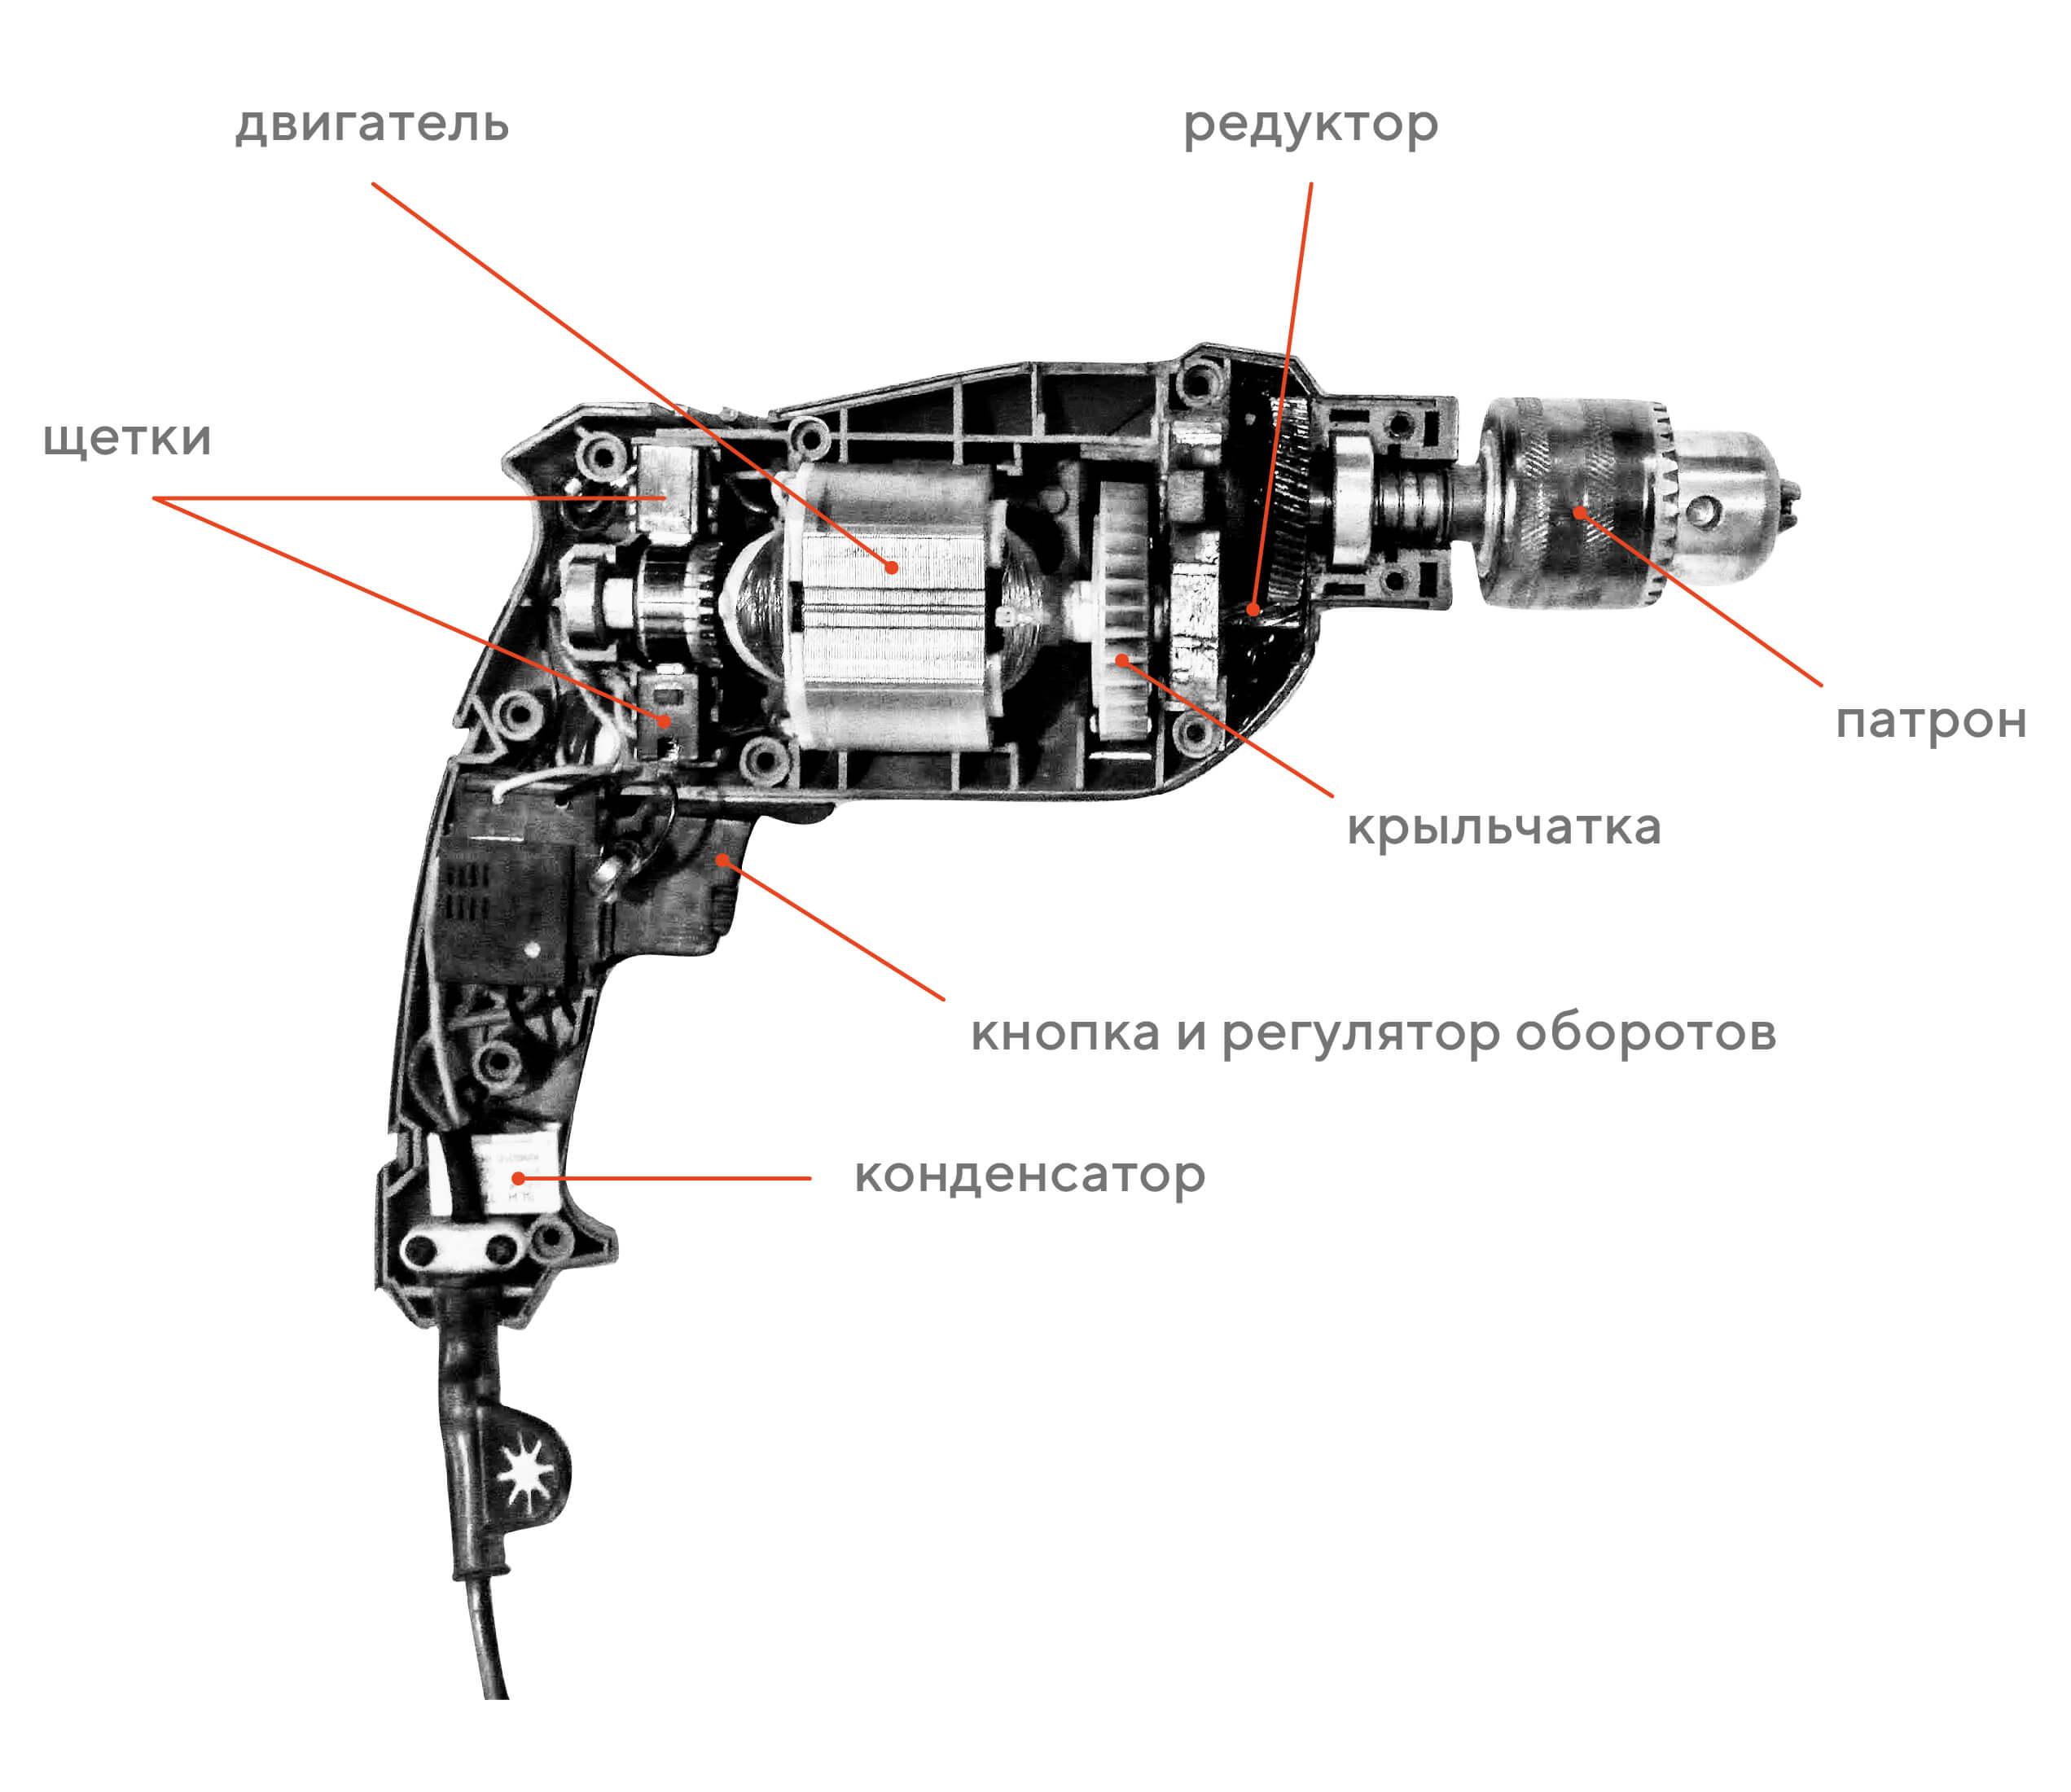 Ремонт перфоратора: своими руками, неисправности, устройство ударного механизма, не долбит, не бьет, не крутит под нагрузкой, причина, искрит, сломался